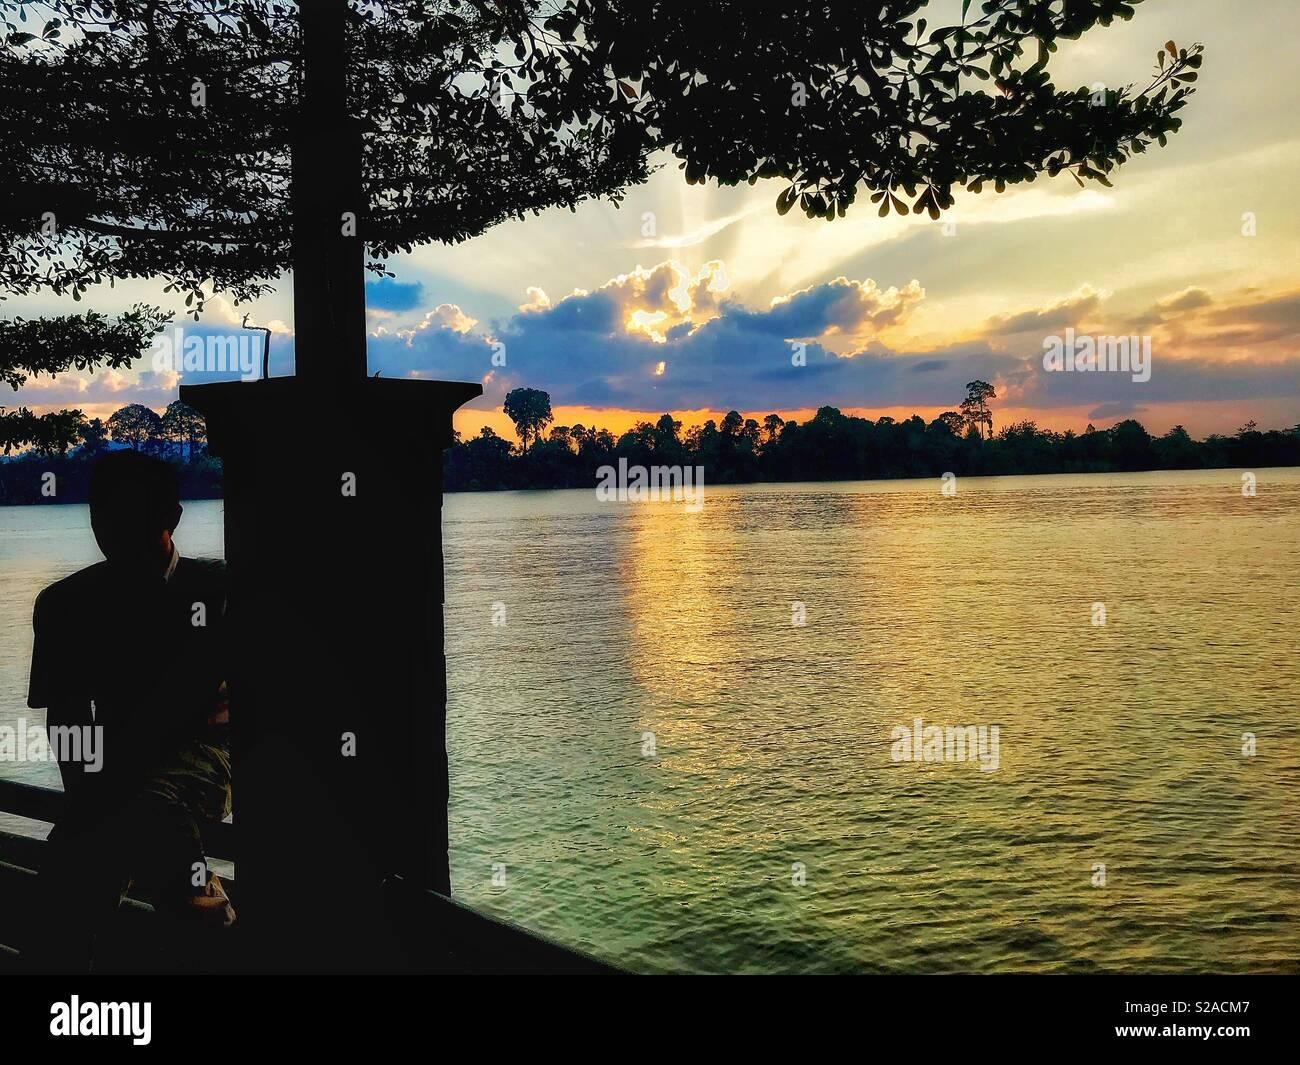 Tanjung Selor, Kalimantan Utara - Stock Image